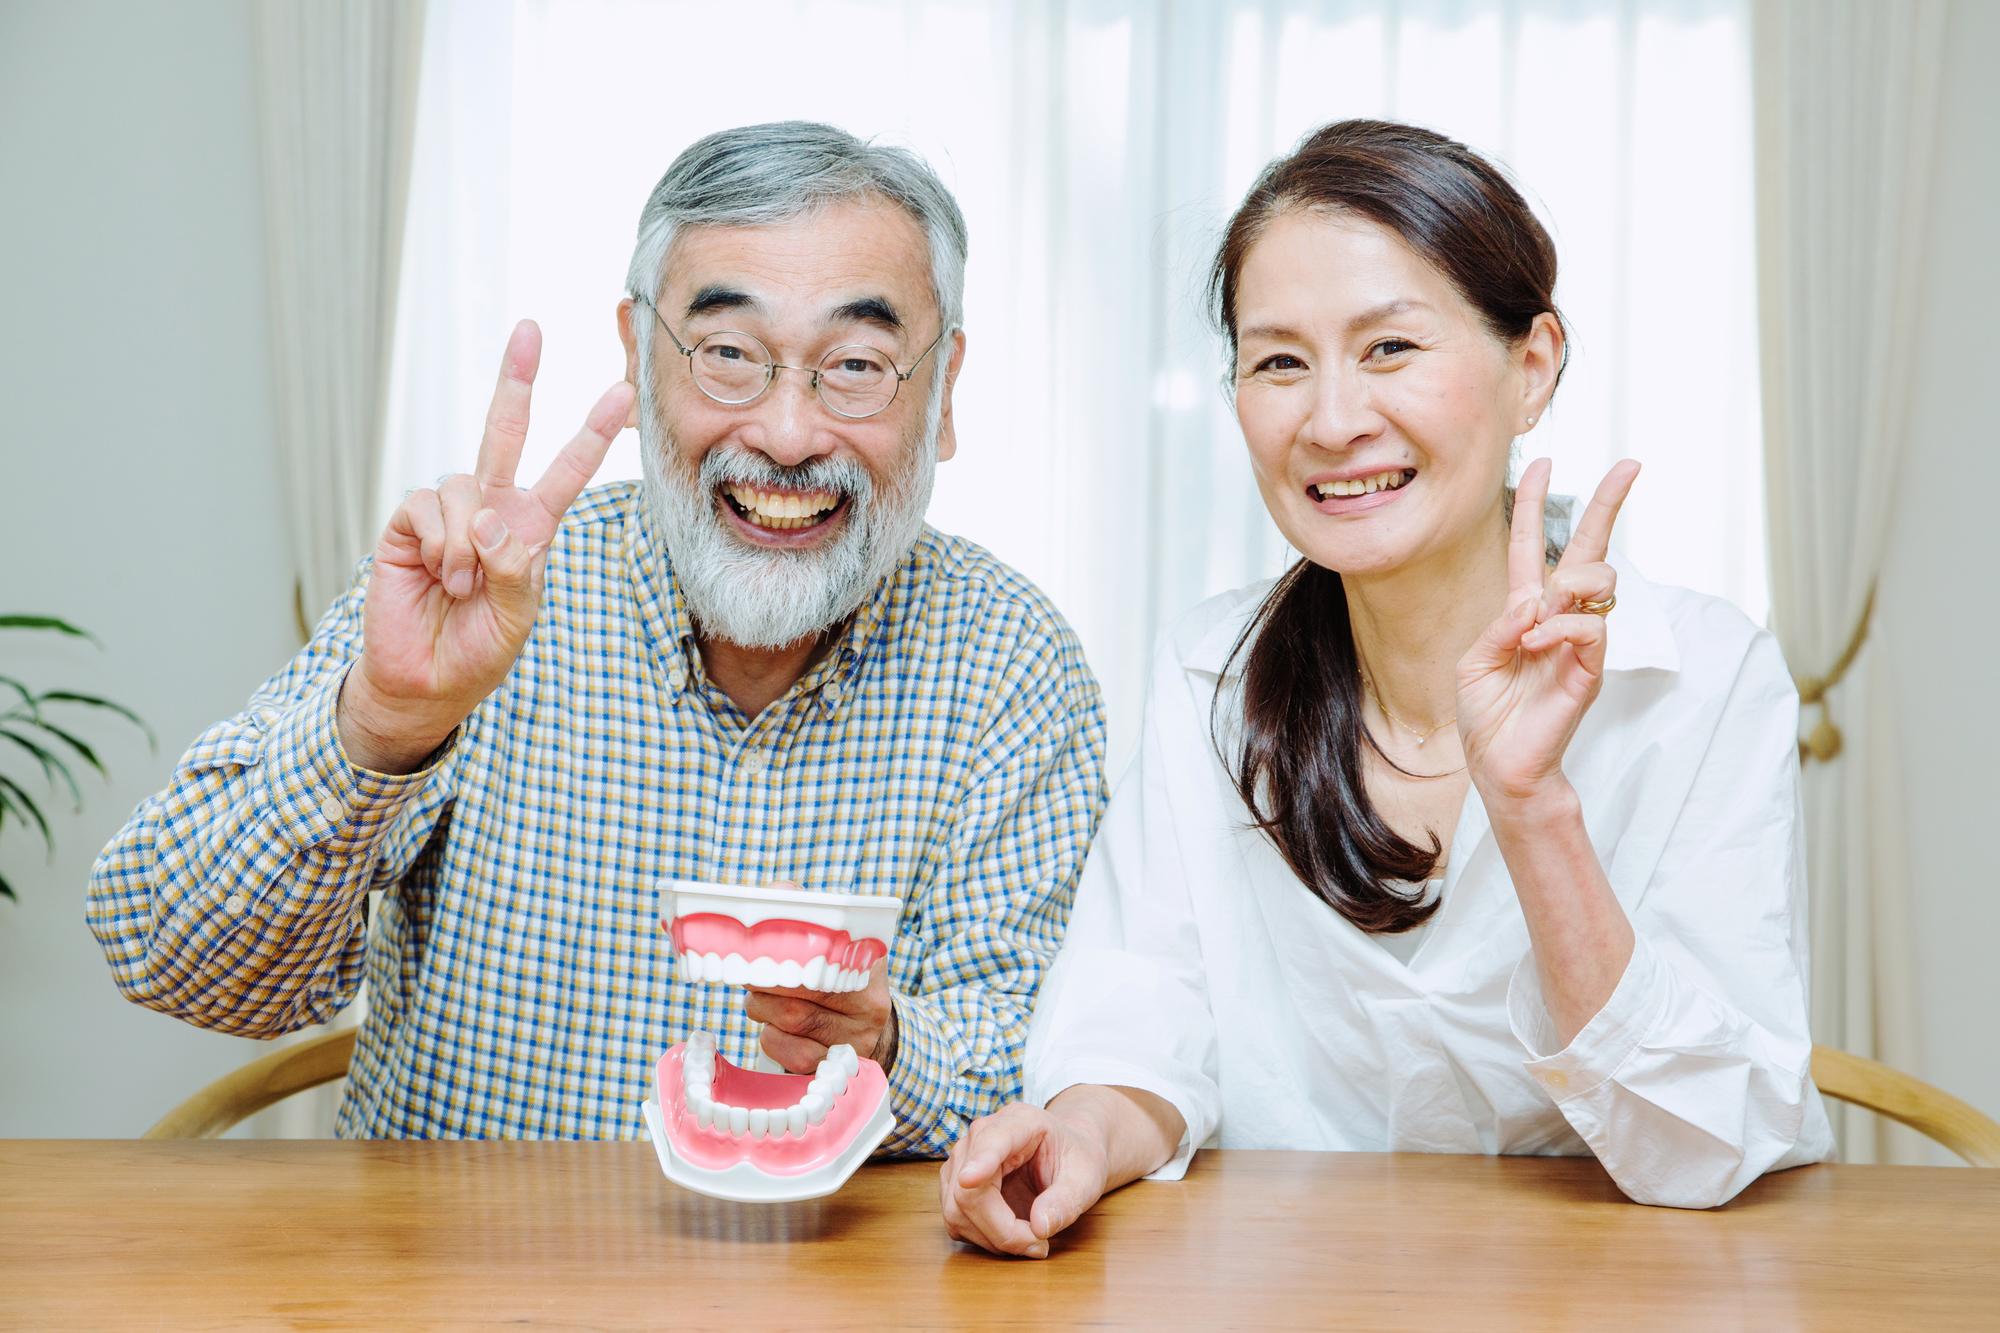 使いやすい入れ歯作製なら、神戸三宮谷歯科クリニック